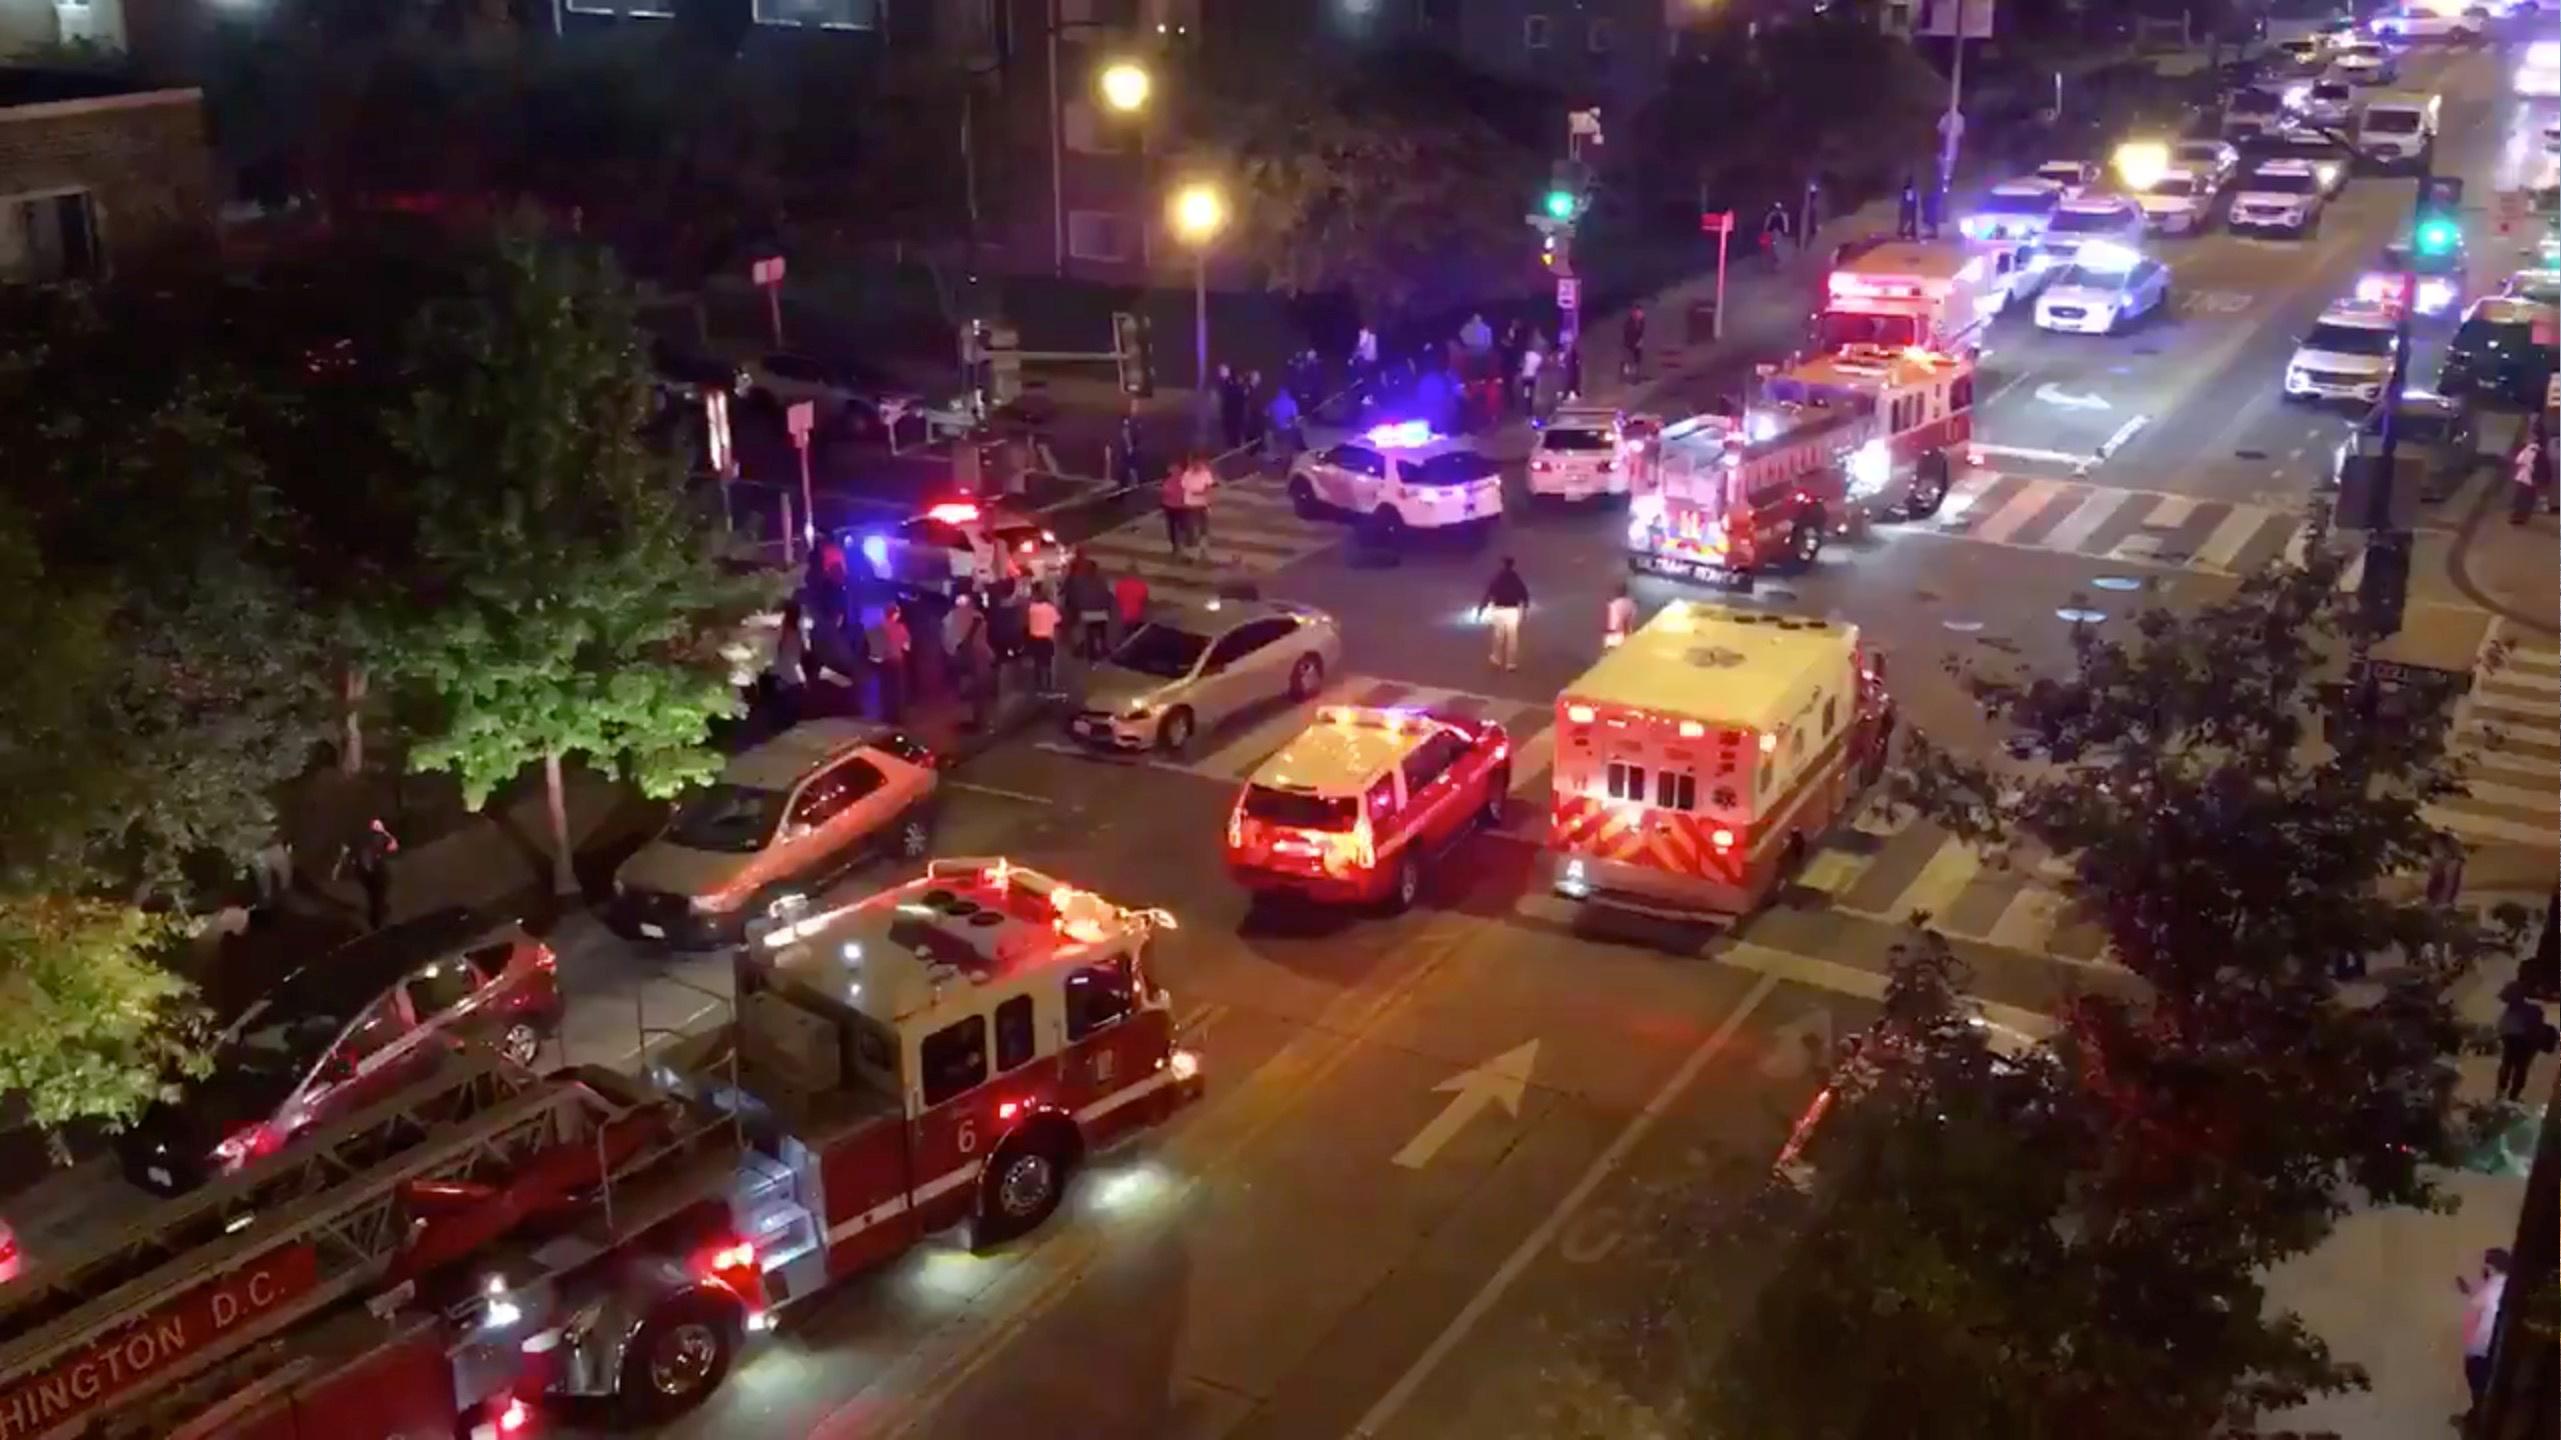 美国首都华盛顿发生枪击事件